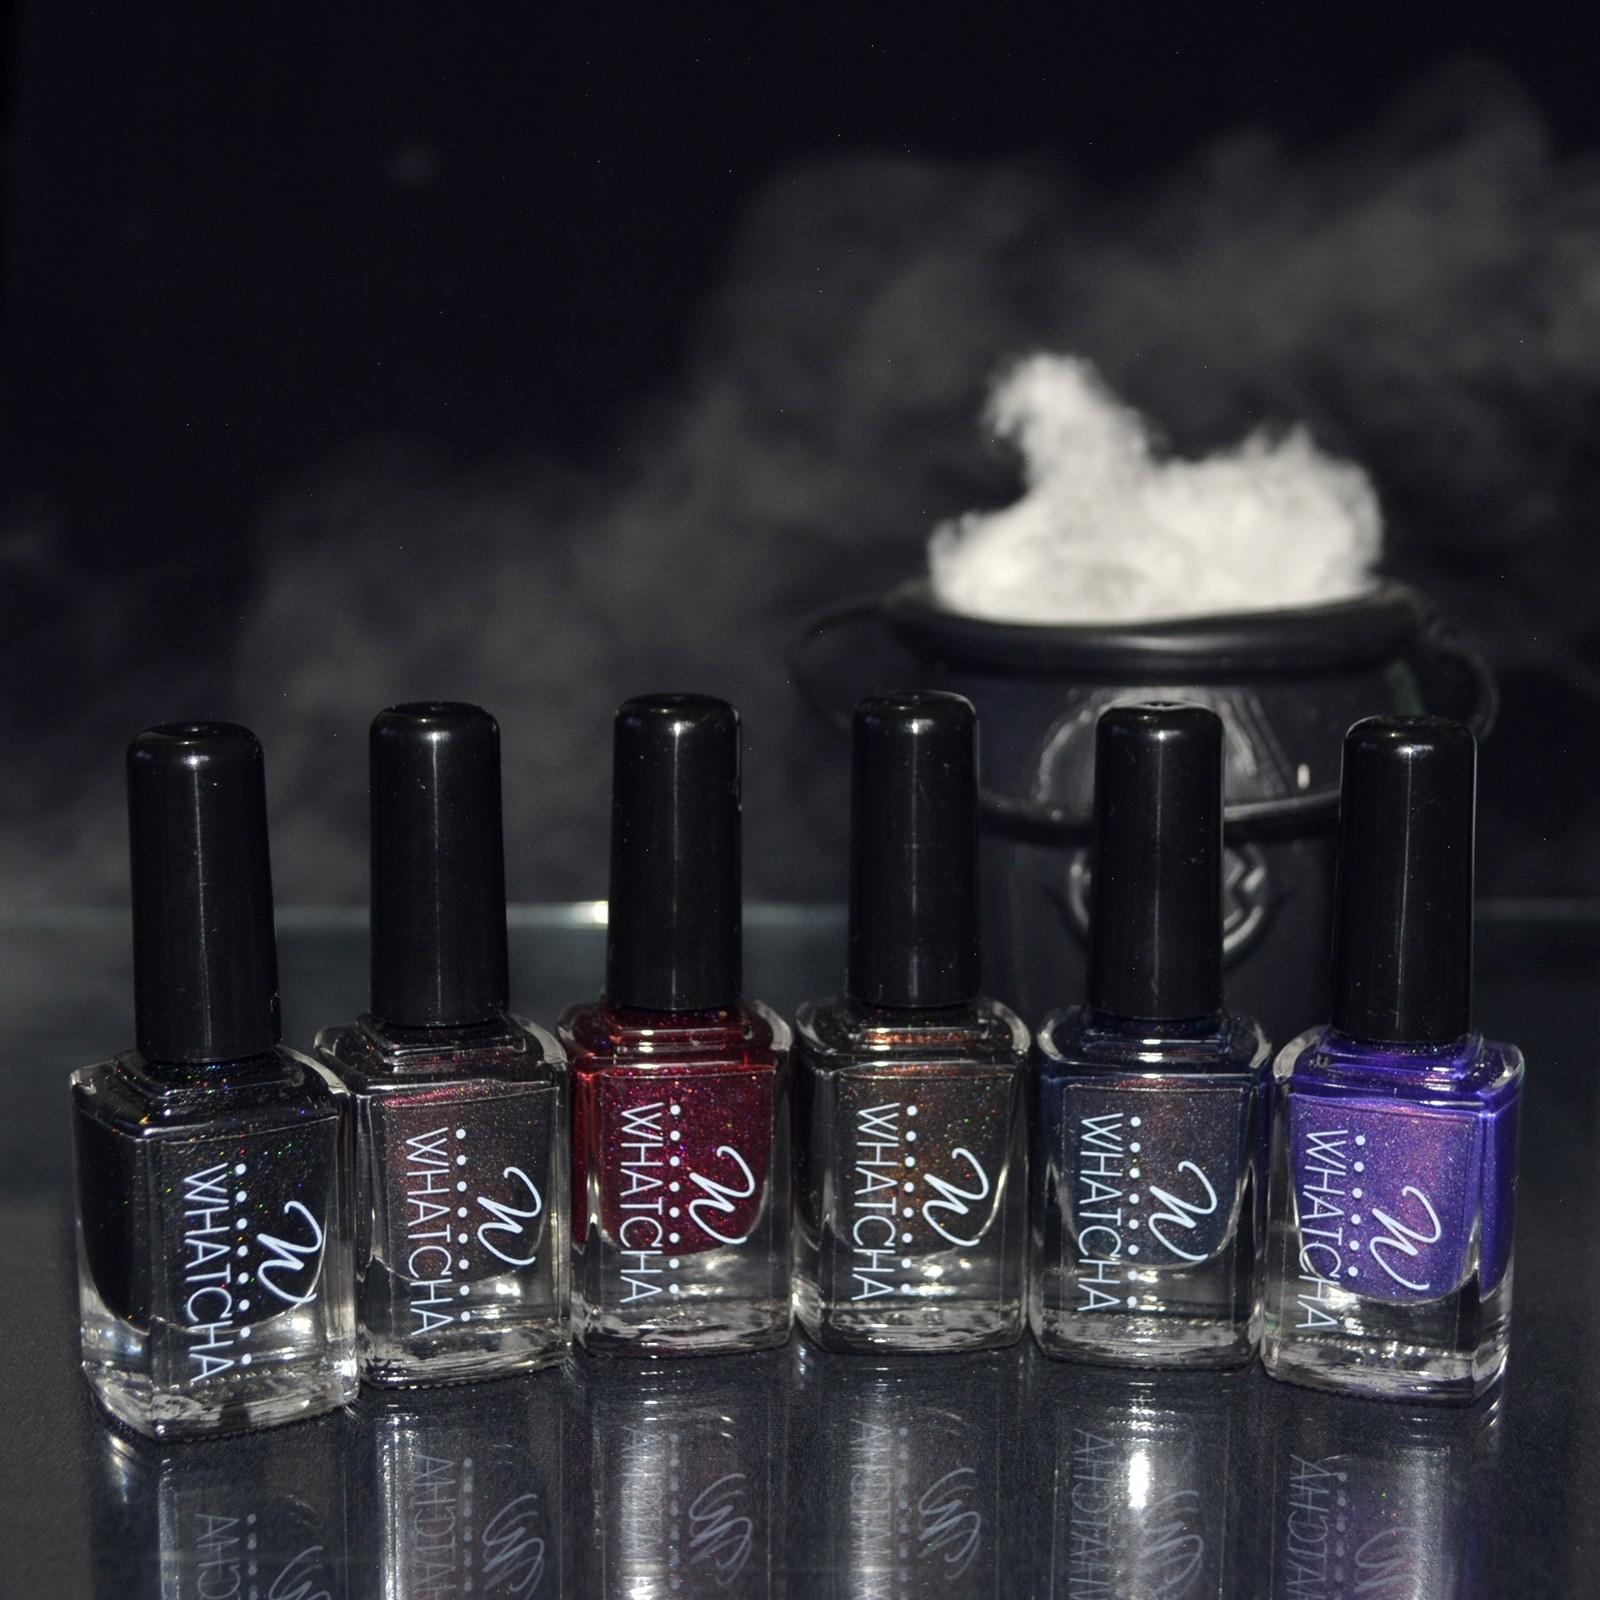 Coleção Dark Esmaltes Whatcha 5free – 6 cores